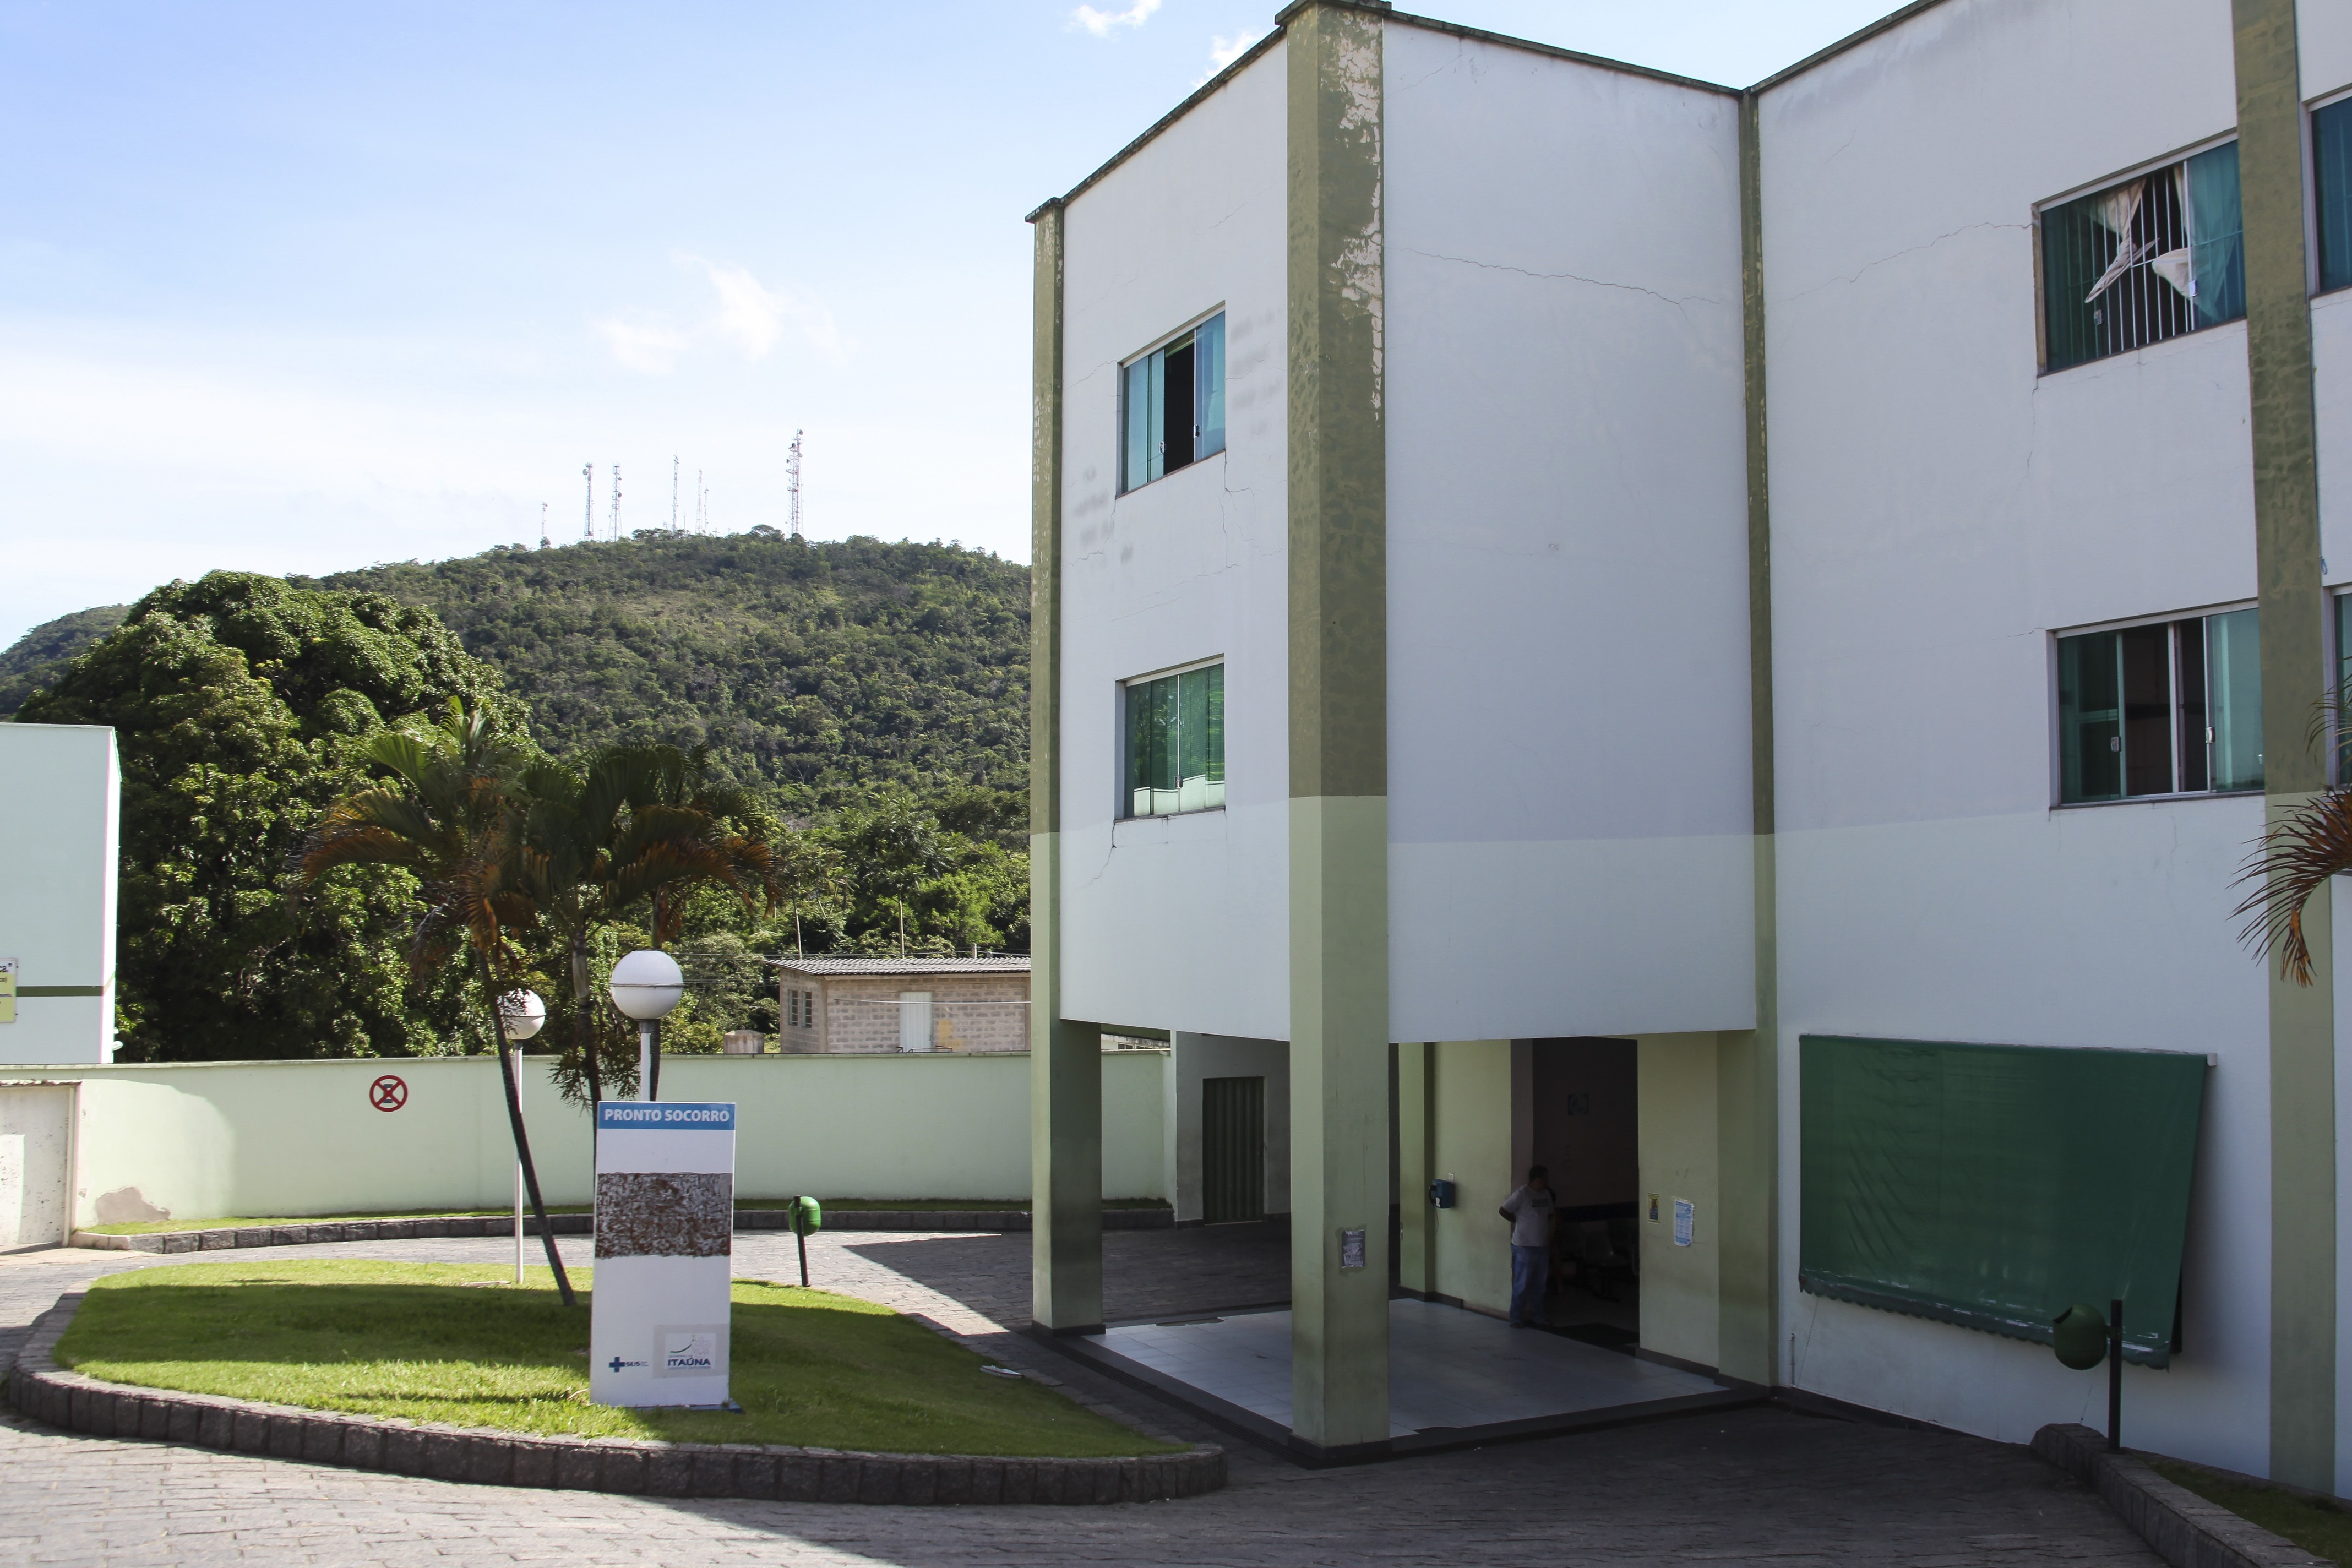 Lar dos Idosos em Itaúna pede apoio de equipe de saúde voluntária para acompanhar moradores com Covid-19